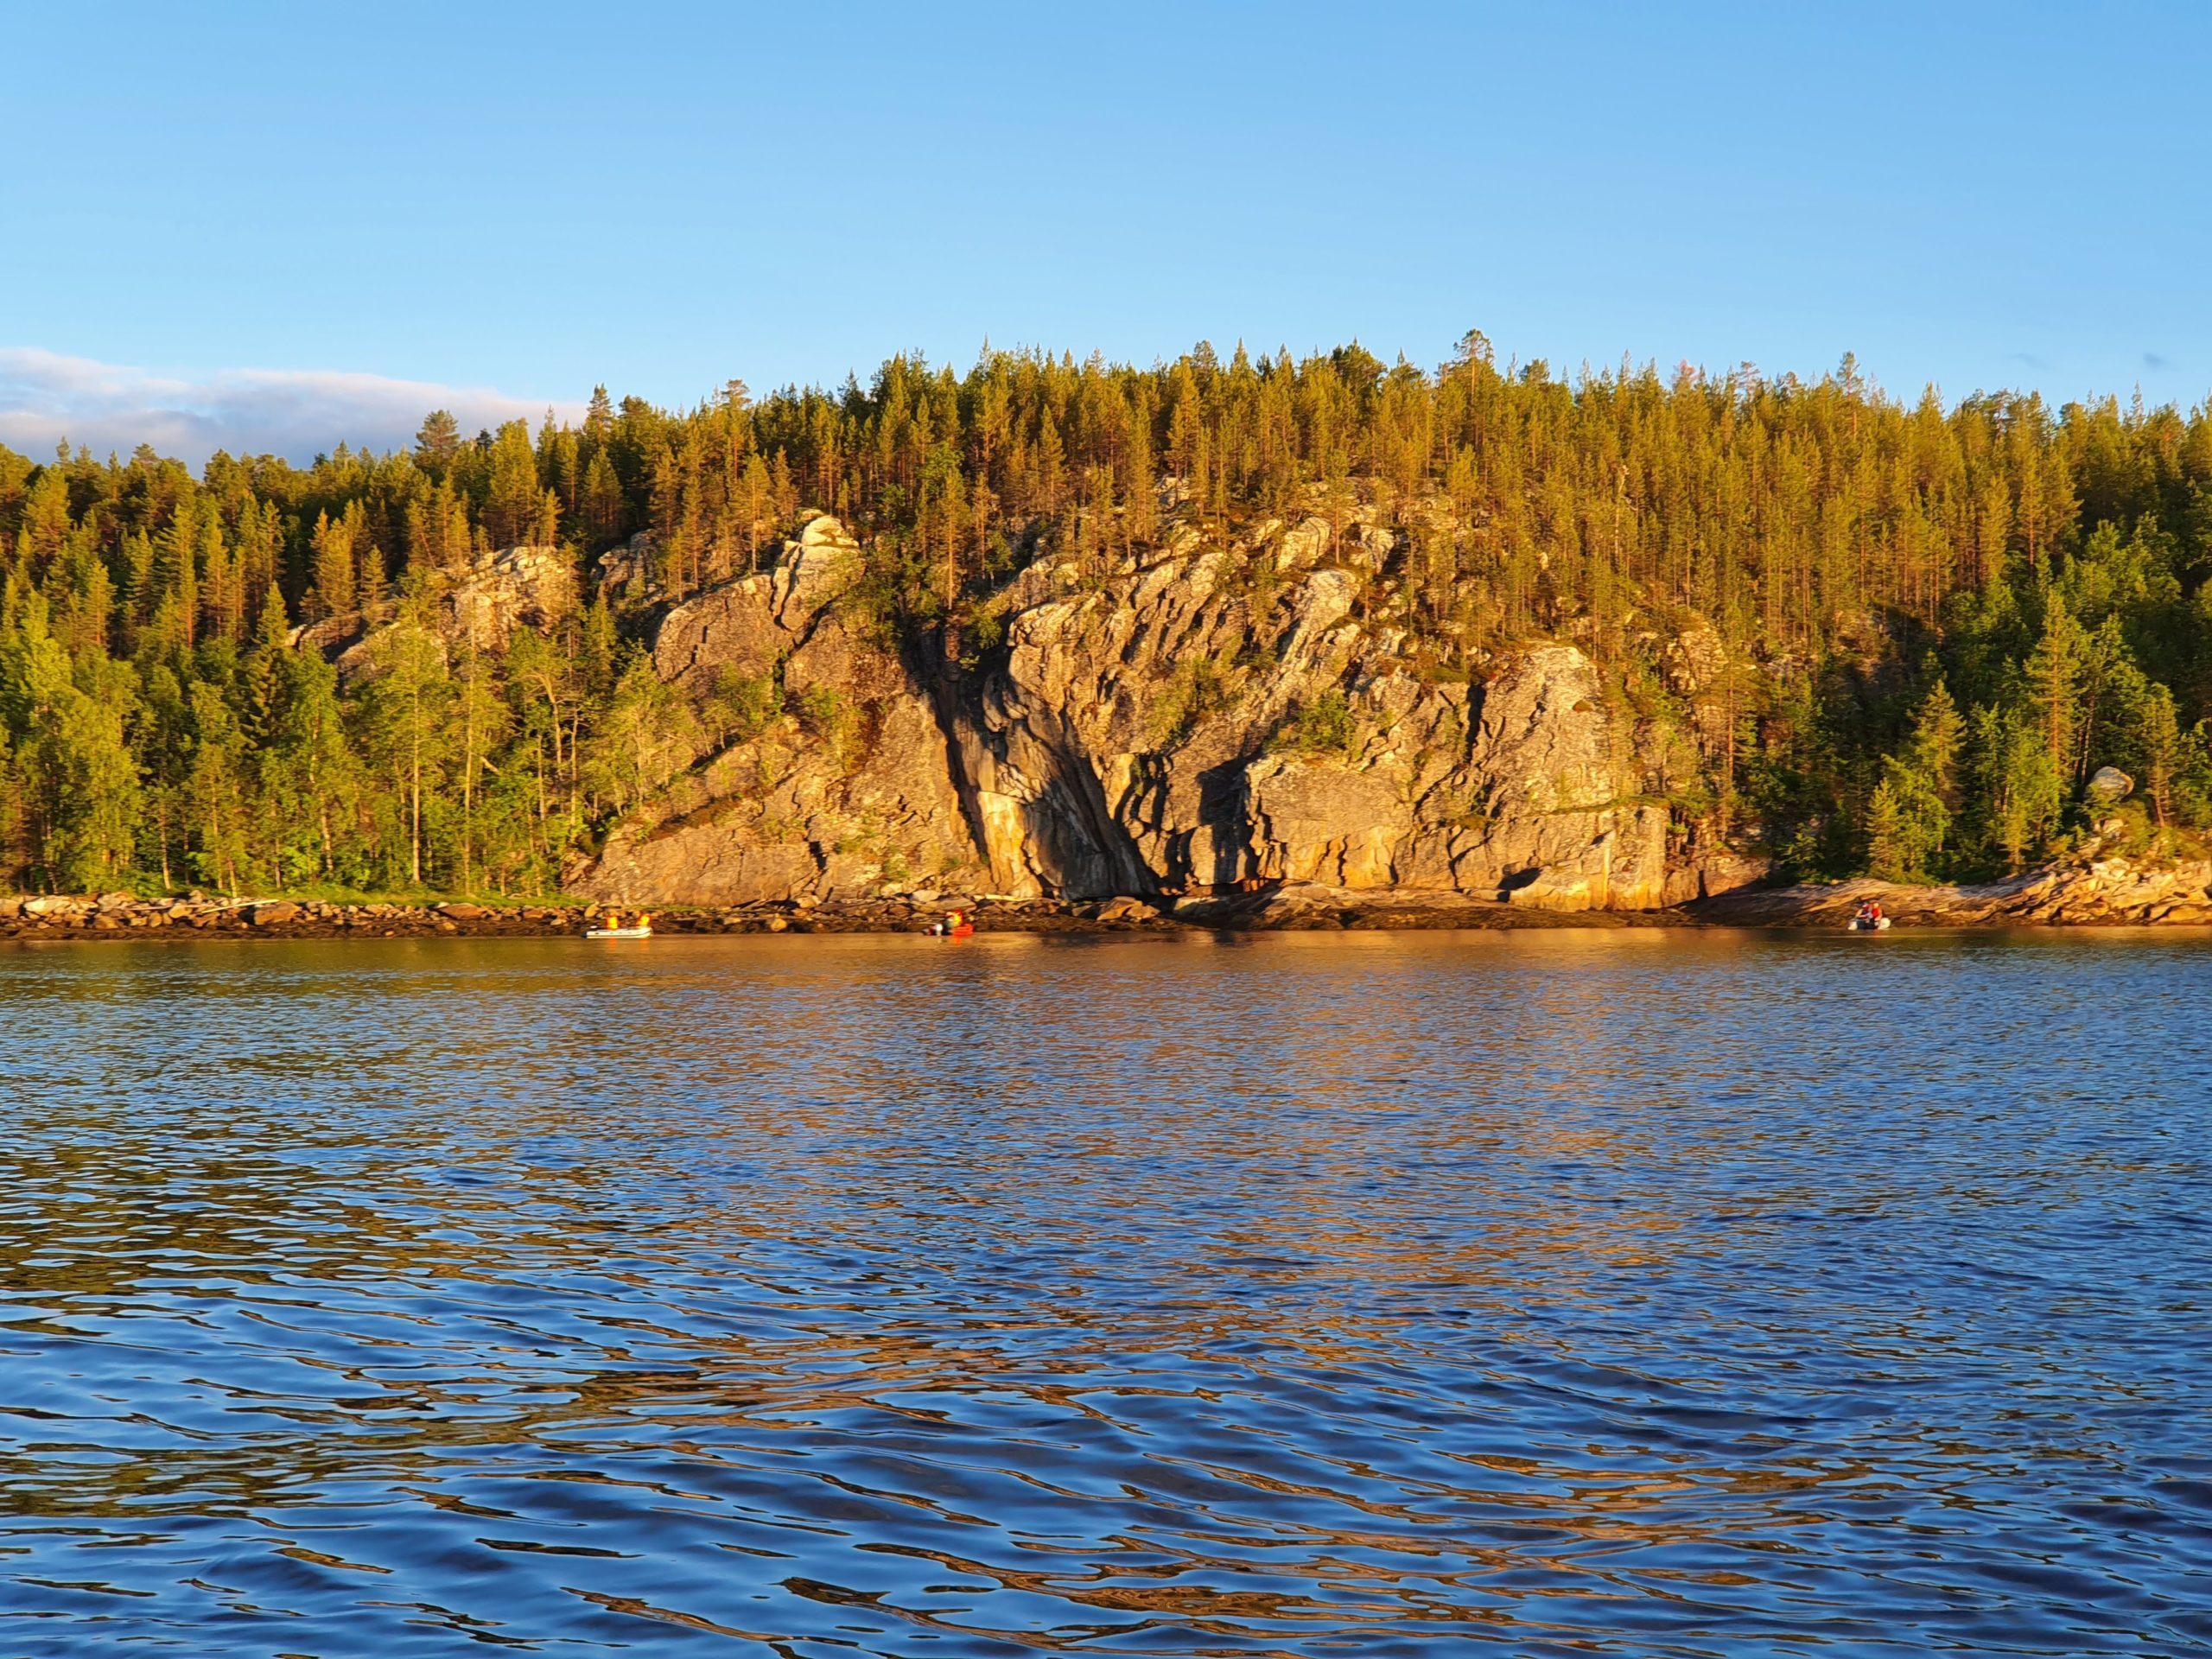 Характерные скалы с права при выходе из Чупской губы. В прилив там клюет Треска.